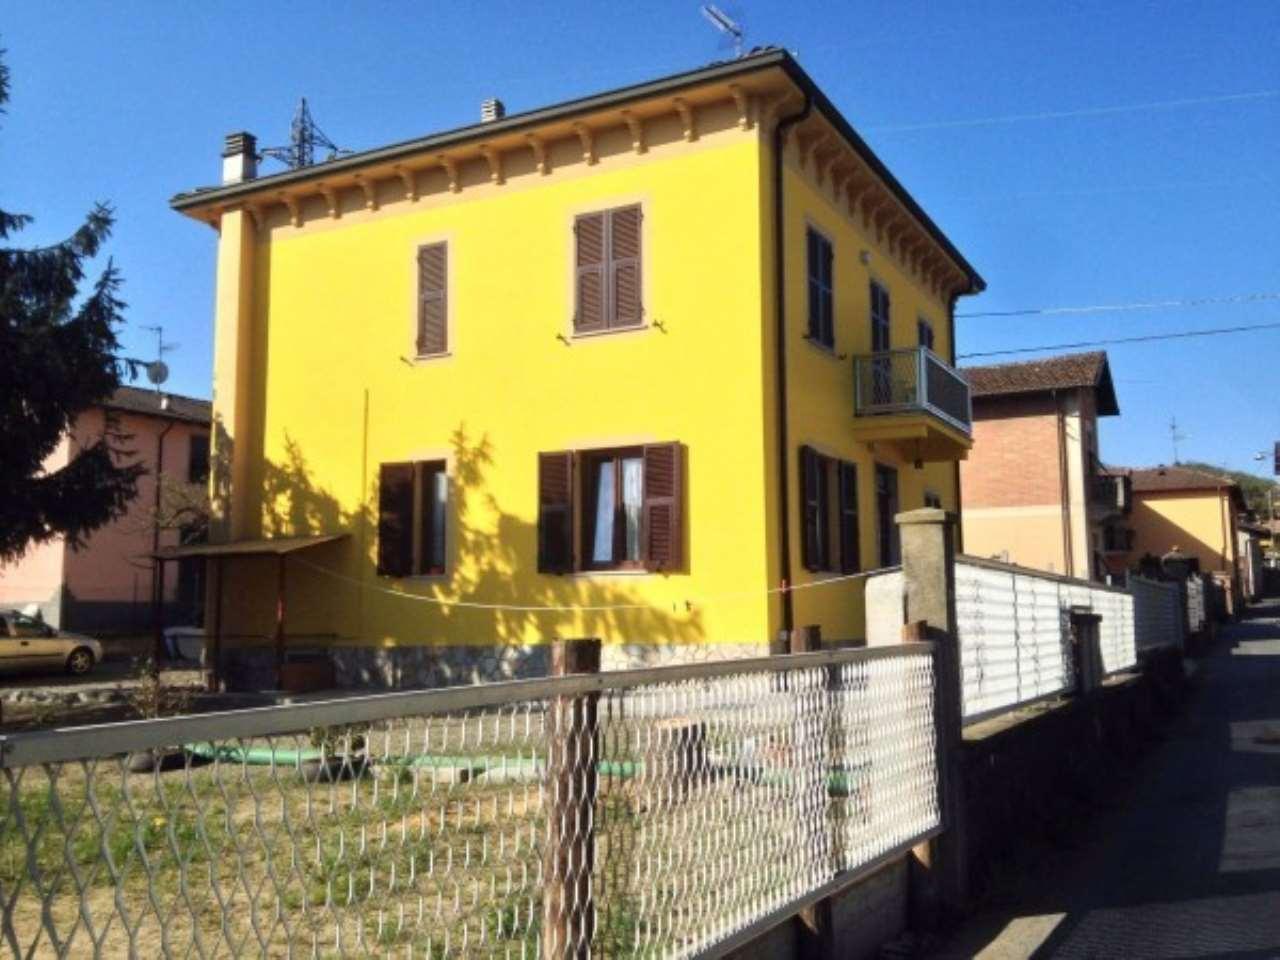 Villa in affitto a Arquata Scrivia, 5 locali, prezzo € 500 | Cambio Casa.it